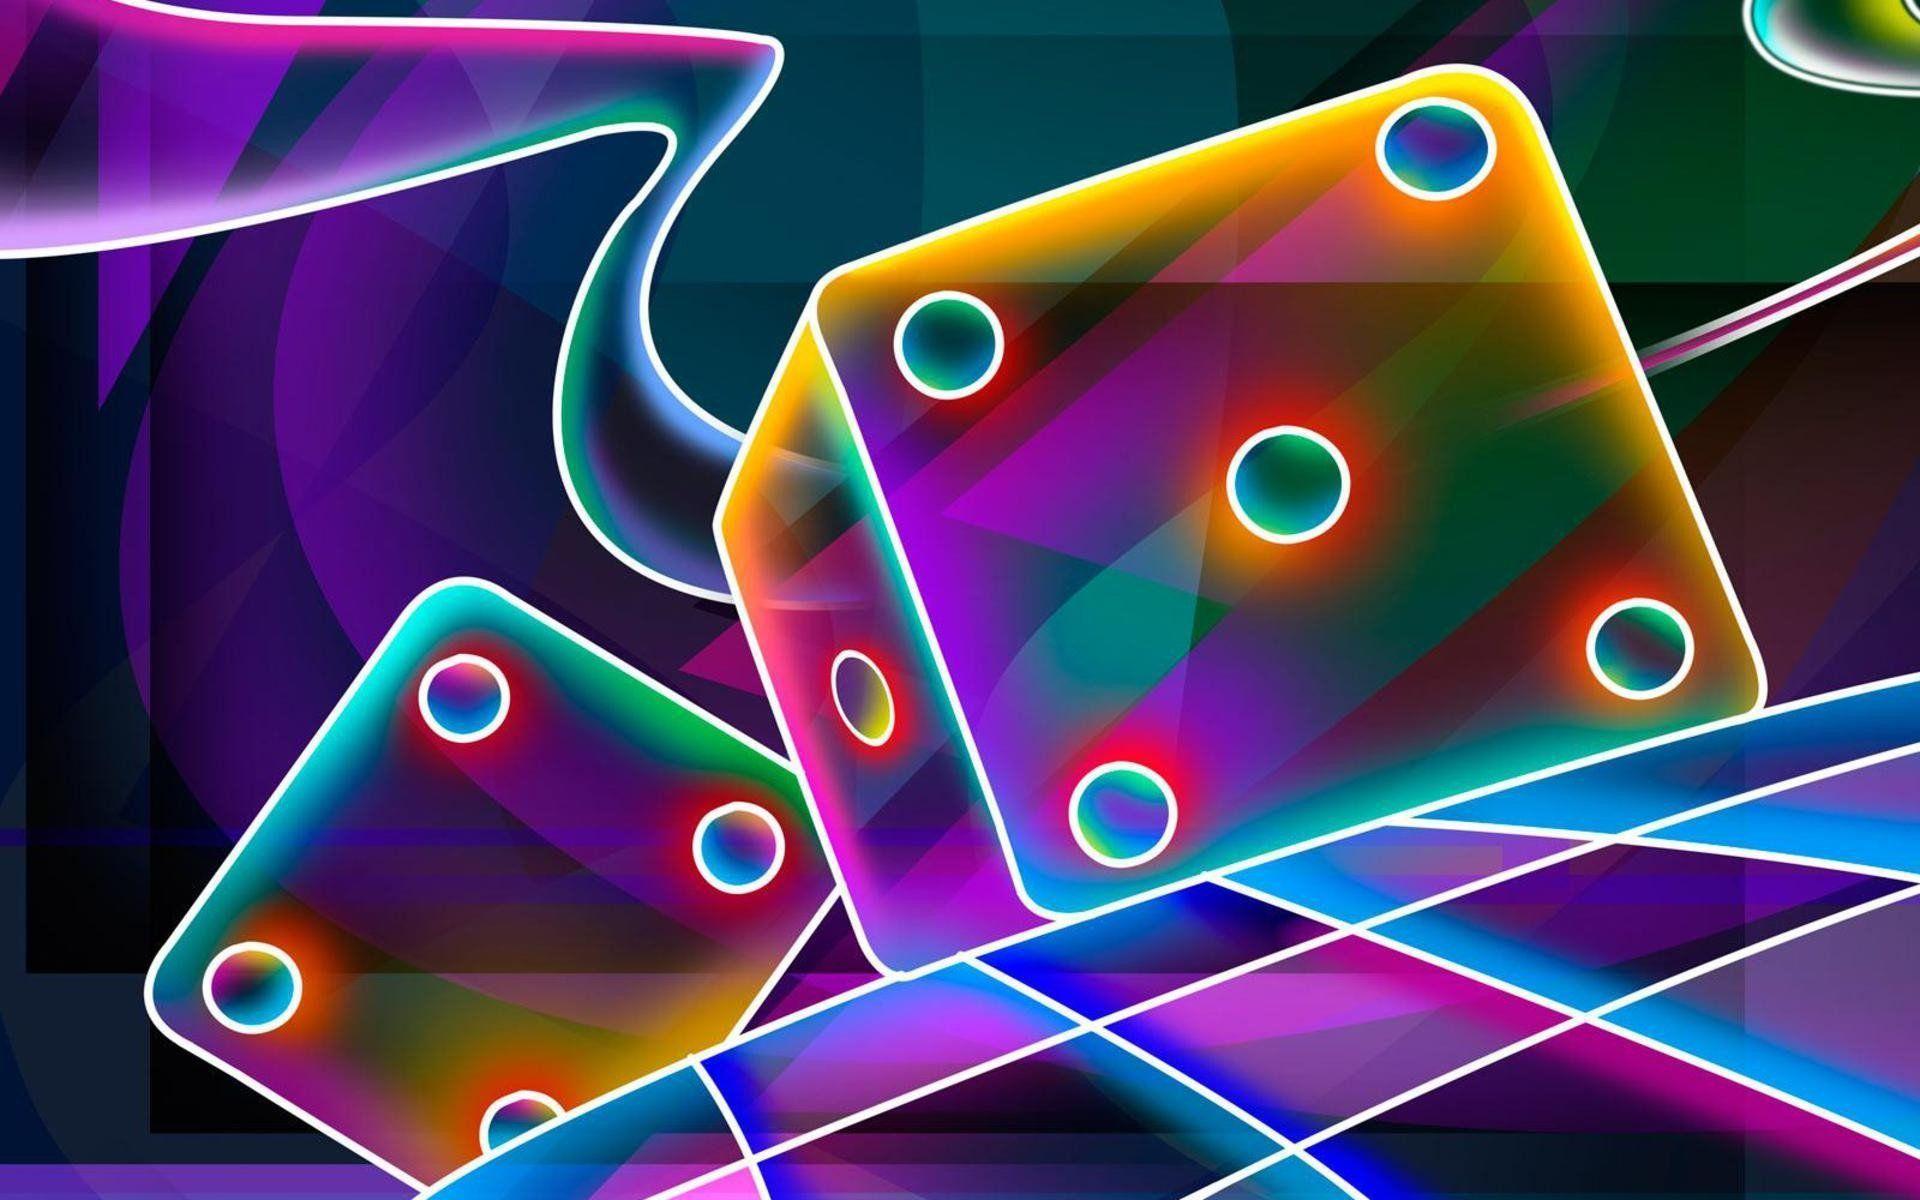 glowing wallpaper design ideas